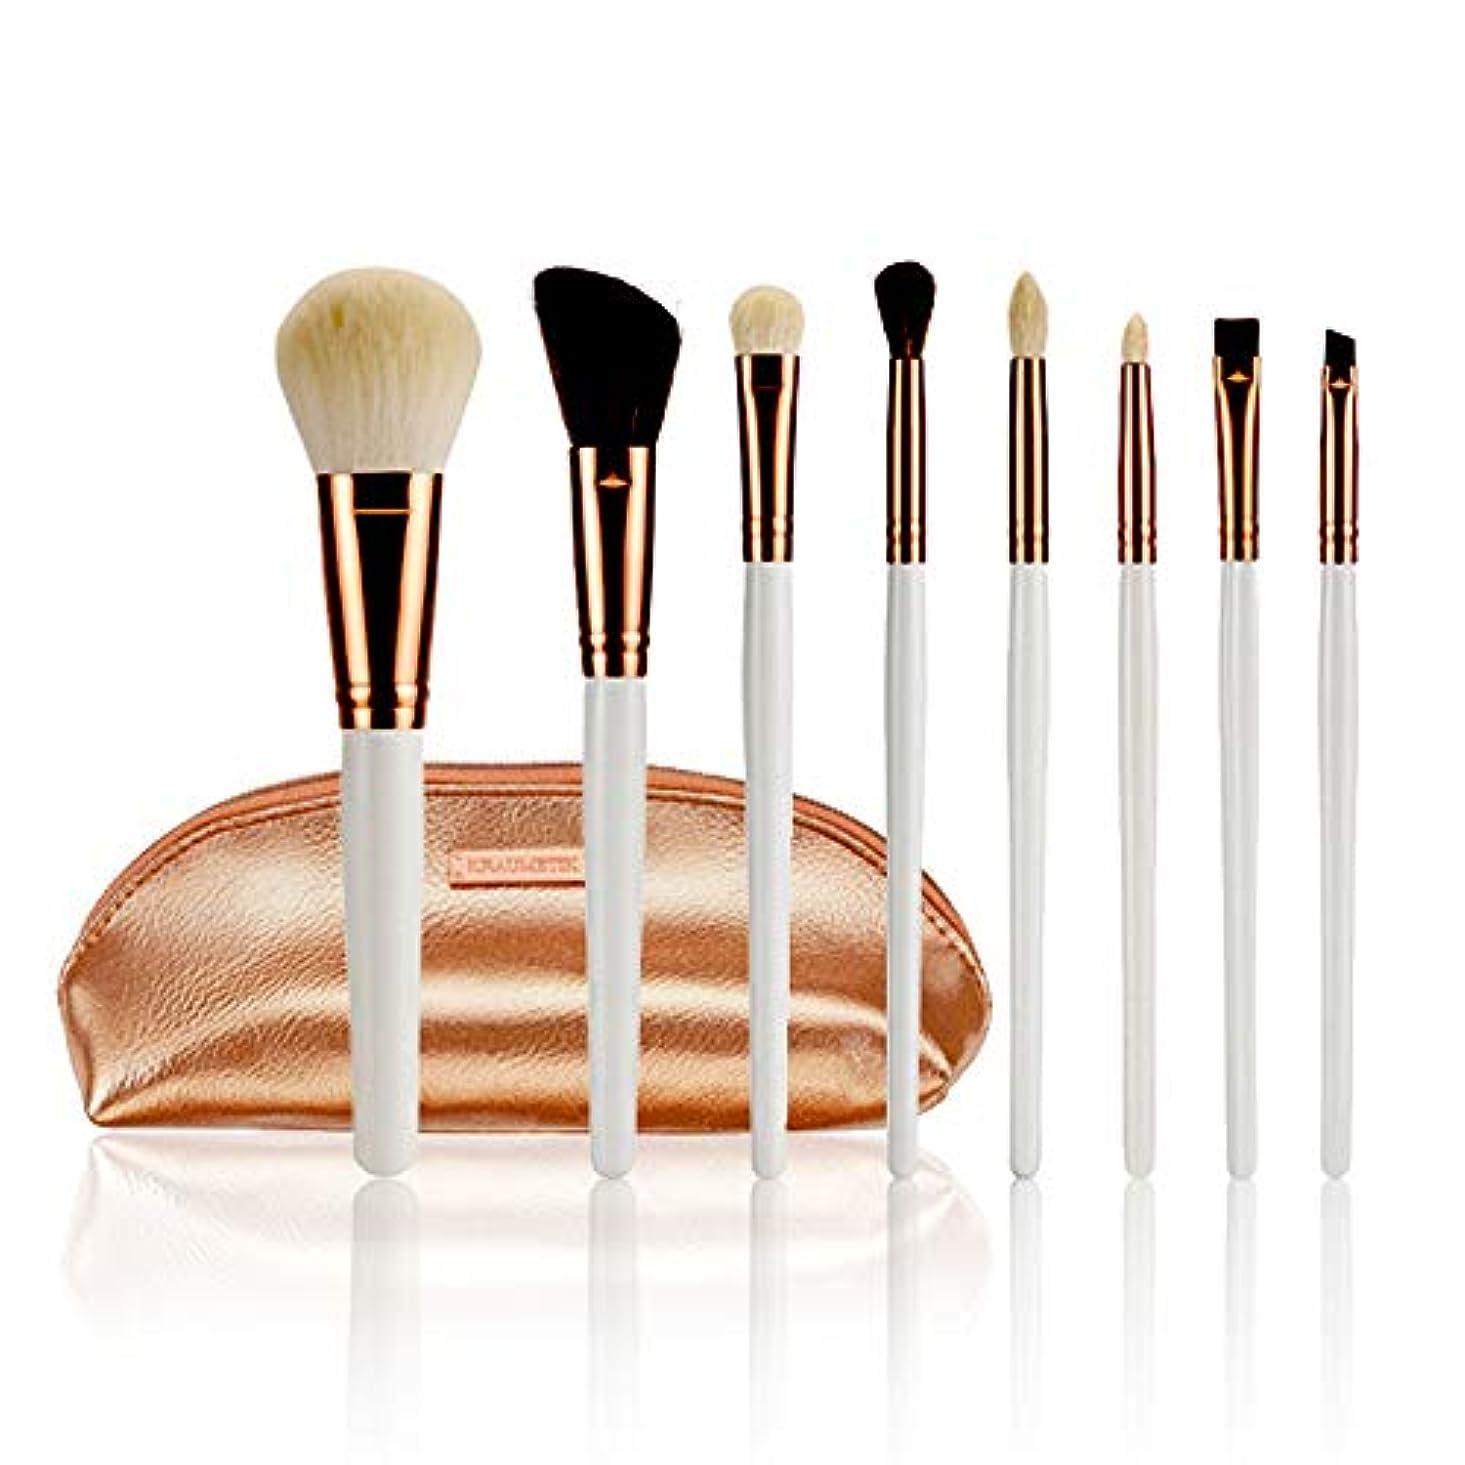 ドメインノイズオフェンスKRAUMETIK 8ピース化粧ブラシセット、赤面コンシーラーアイアドバンスト合成ブラシ化粧品化粧セット